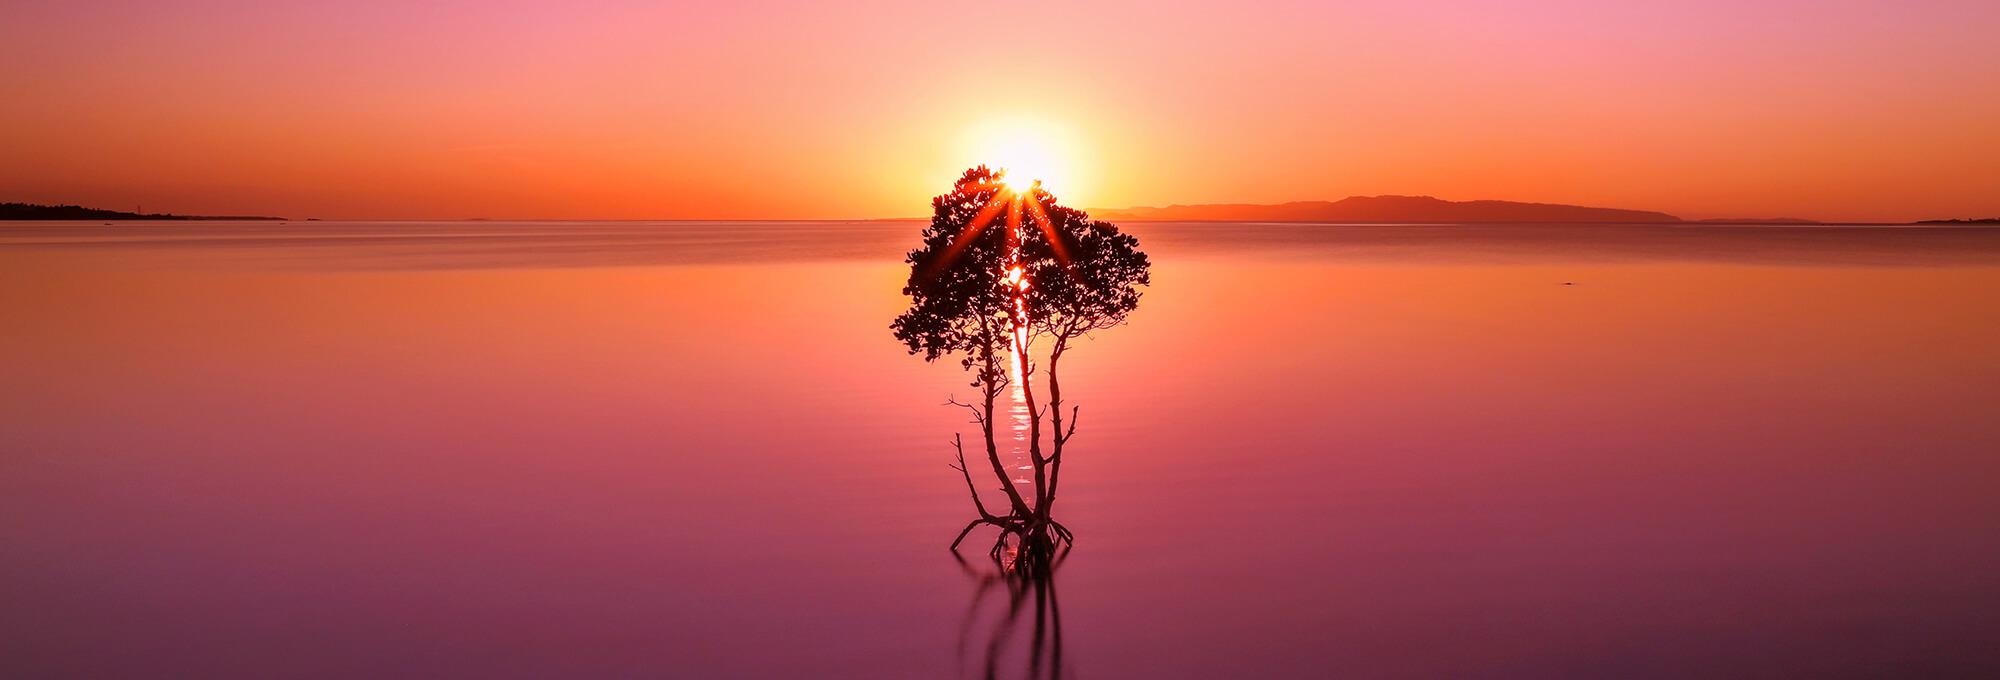 石垣島のサンセットマングローブ